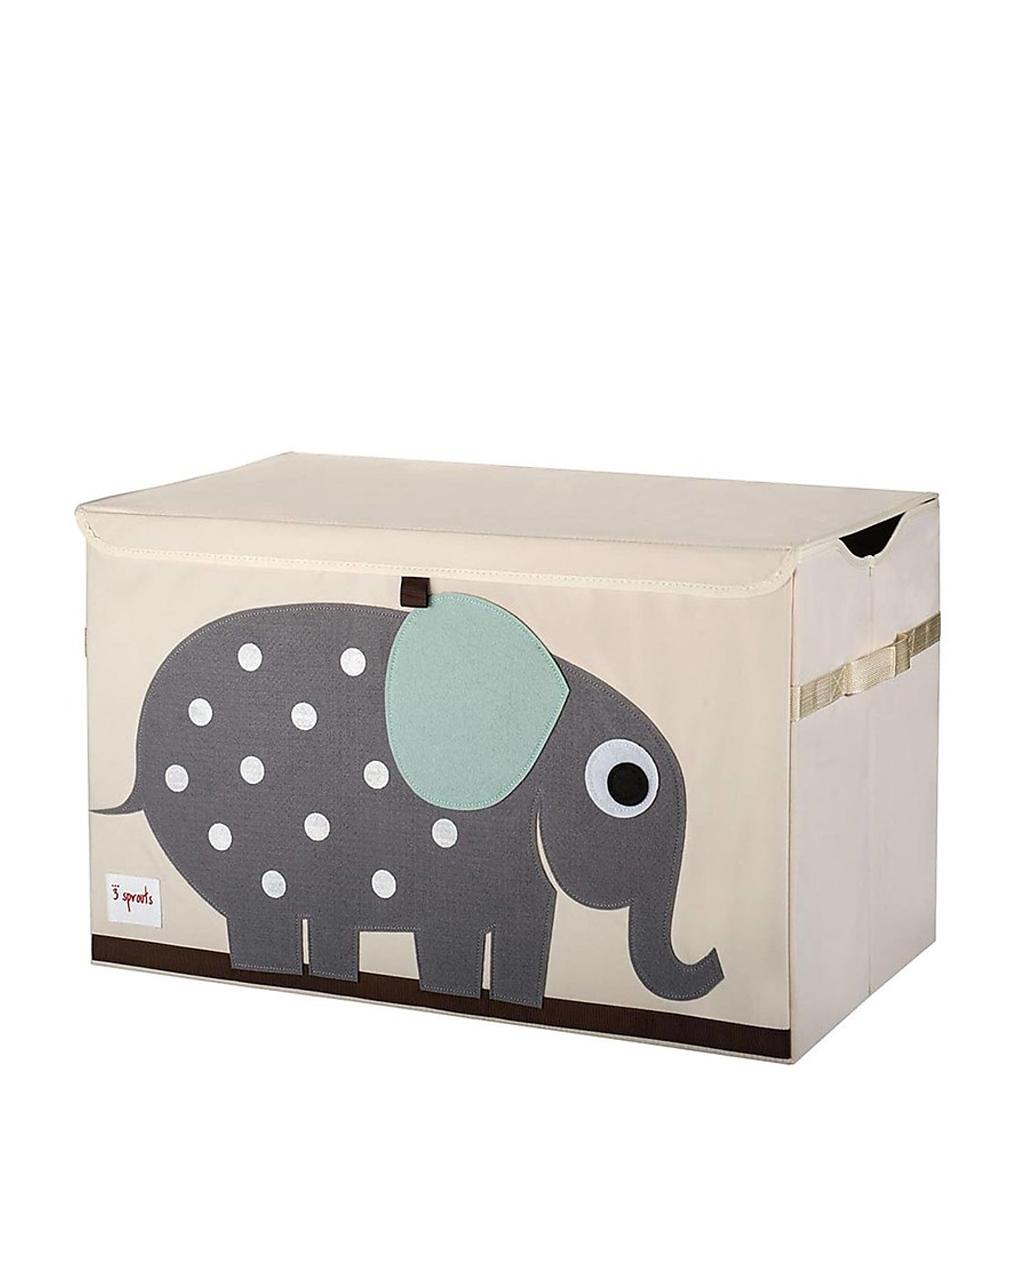 Baule Portagiochi - Elefante - Riordina la Cameretta con Fantasia